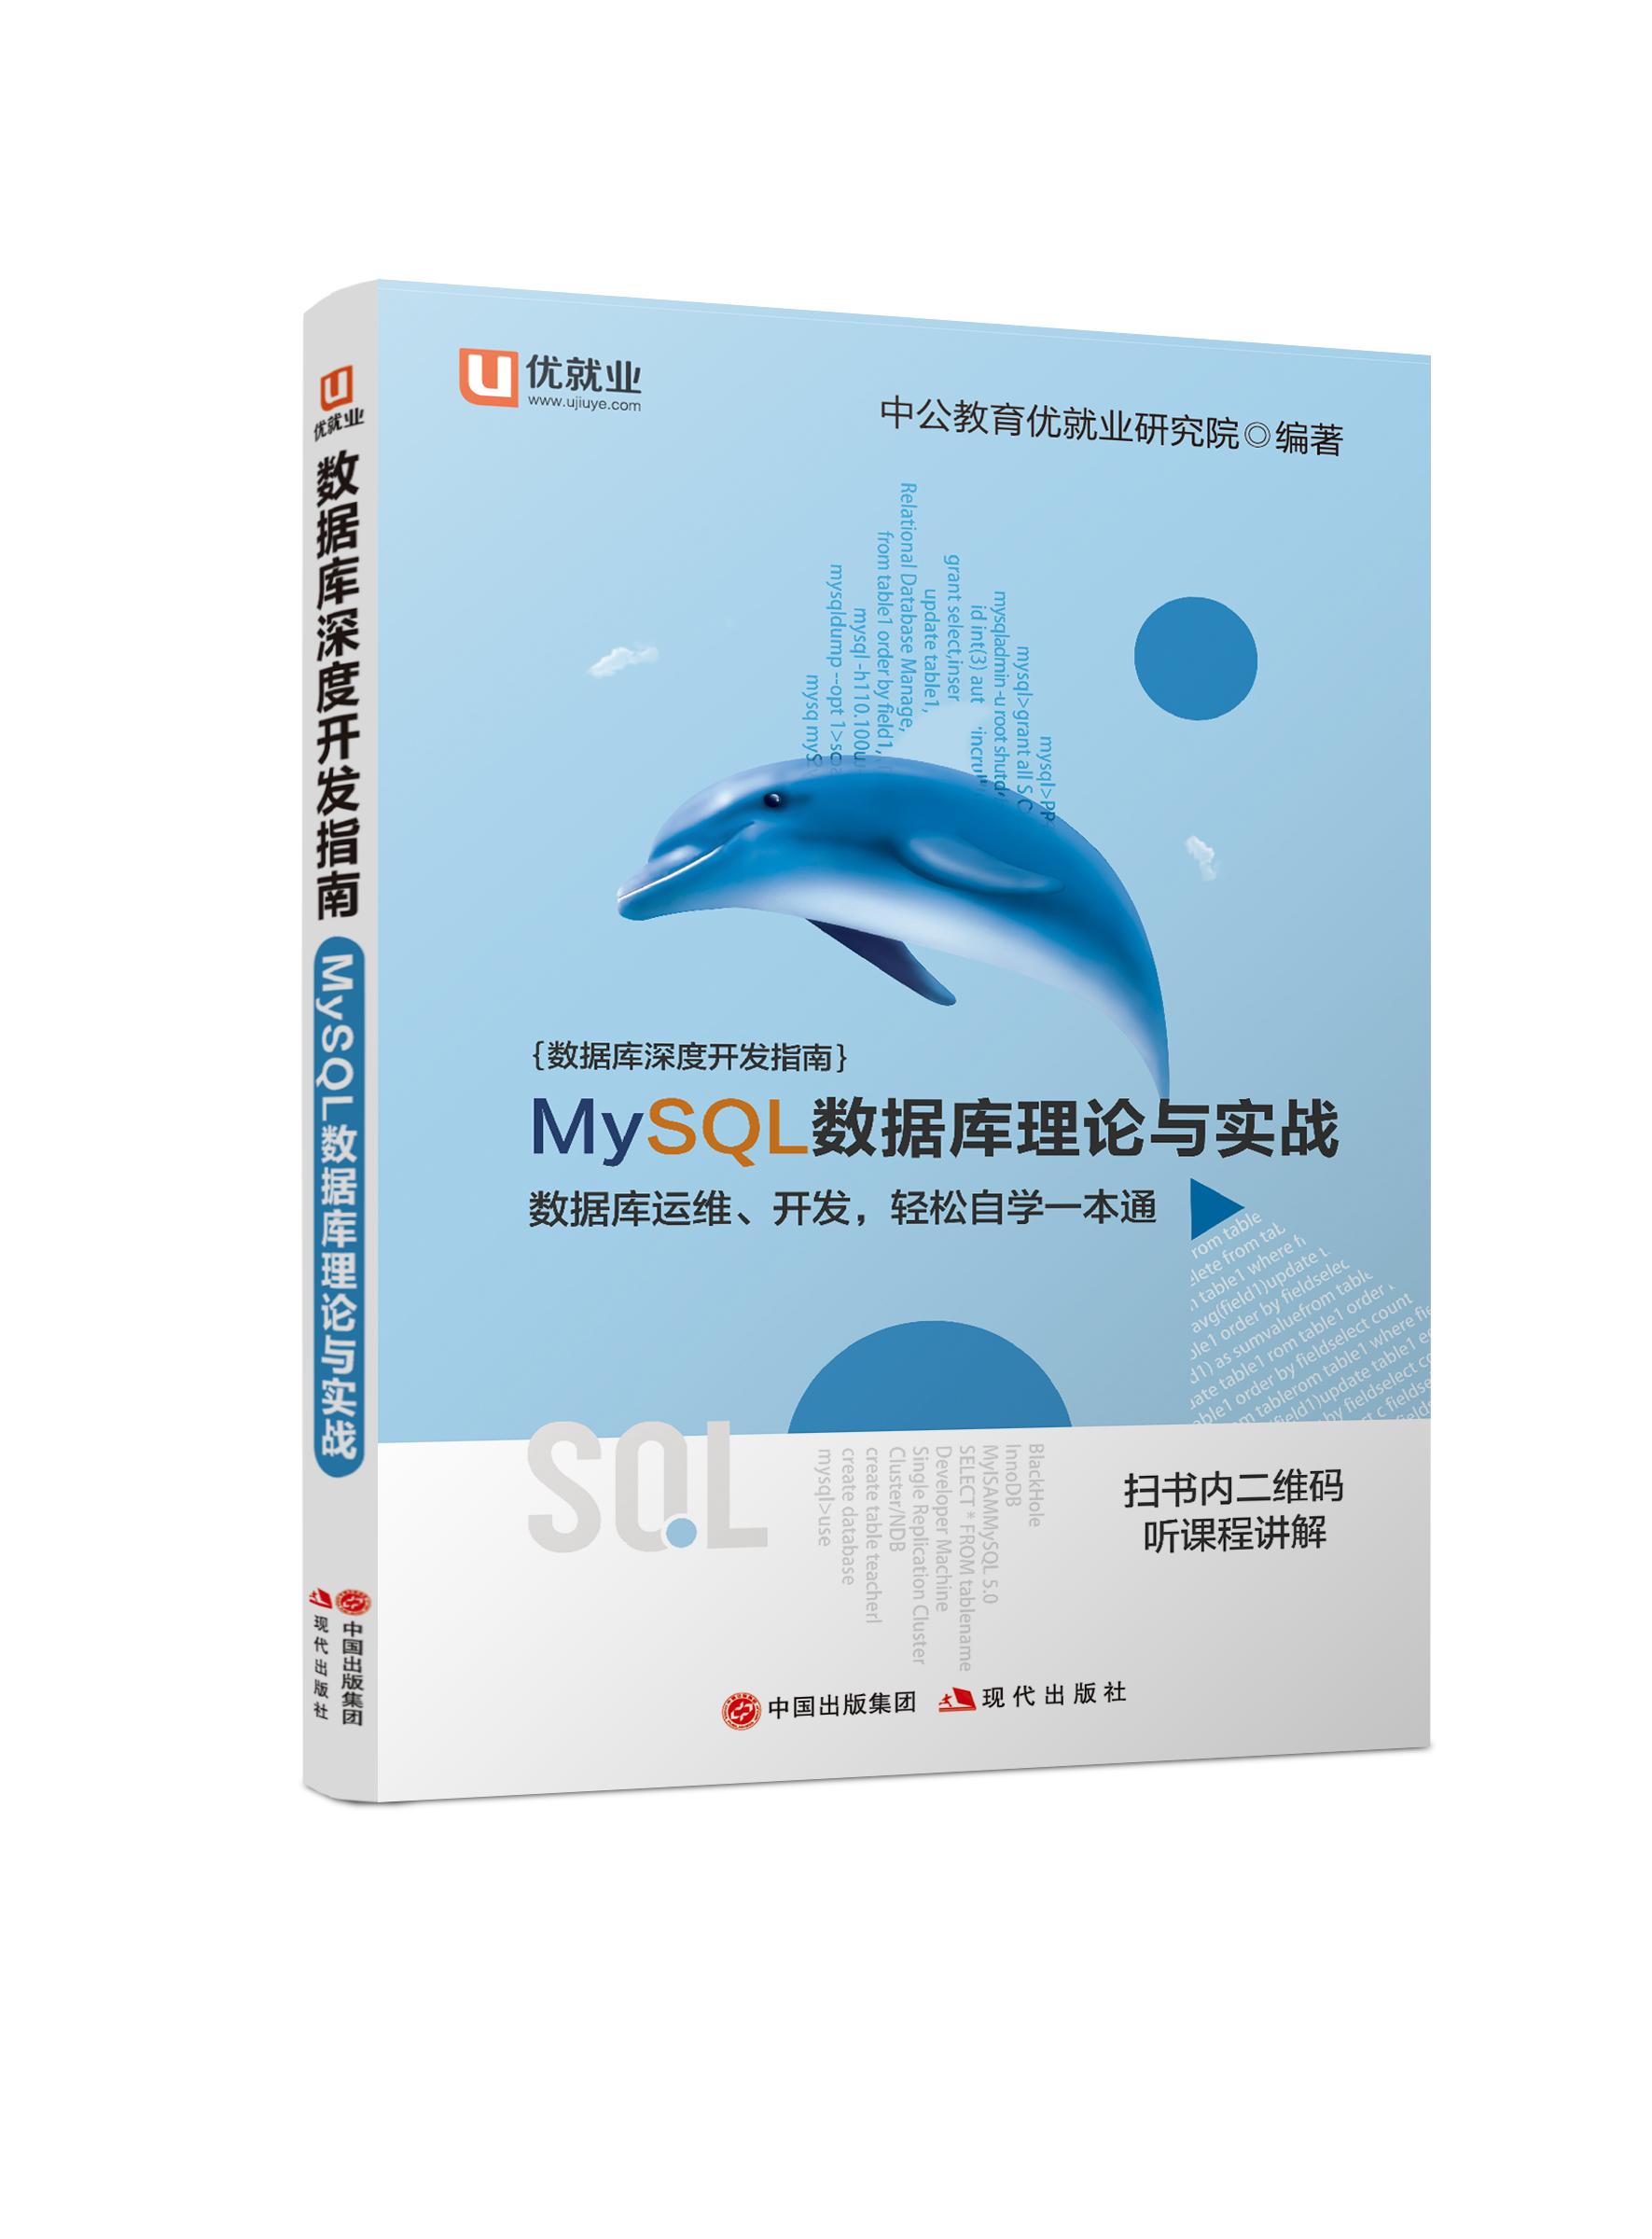 《中公版·数据库深度开发指南:MySQL数据库理论与实战》今日开售!